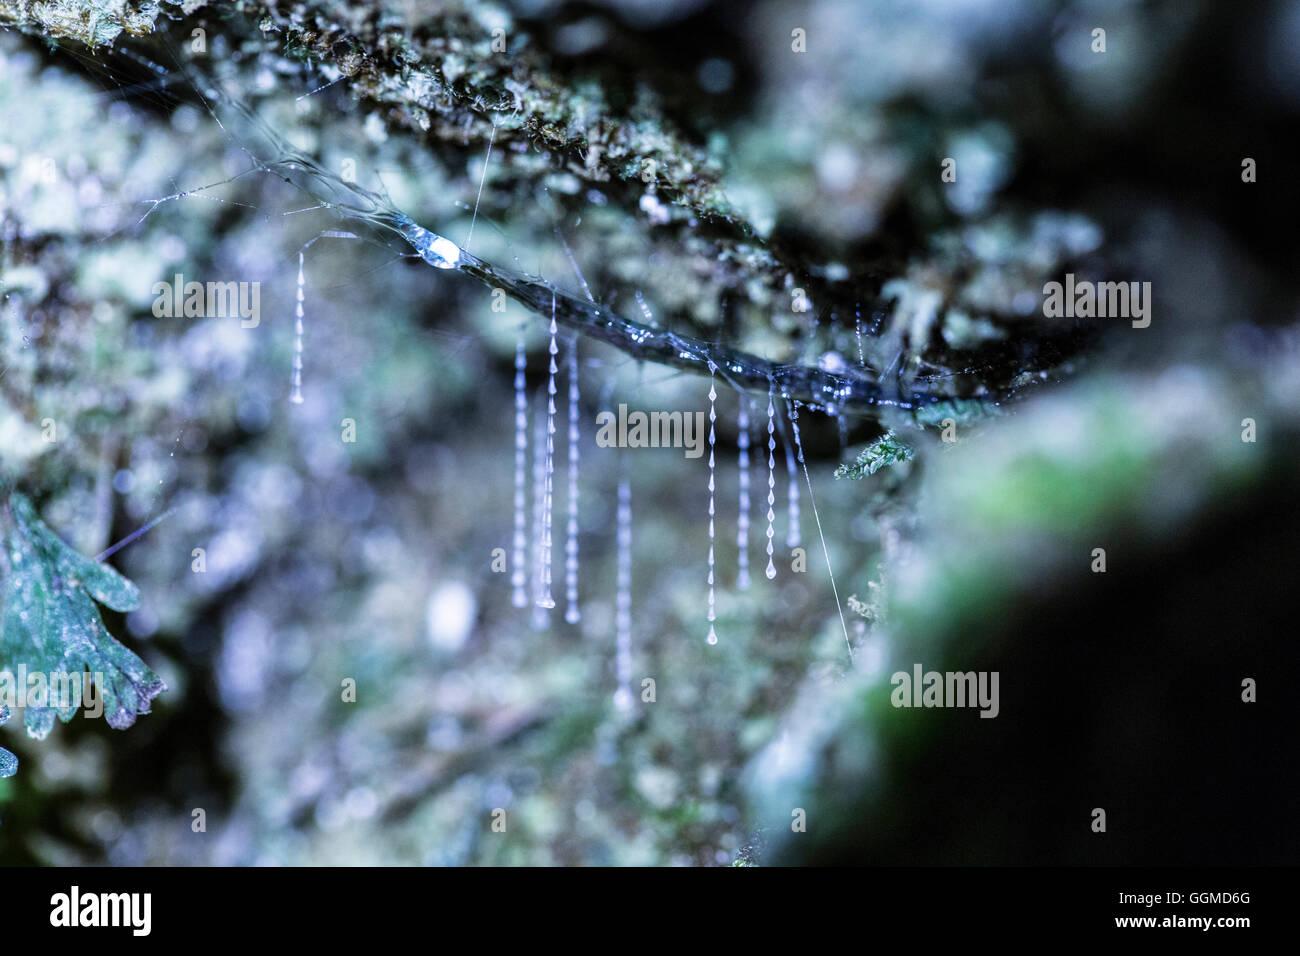 Glow Worm Stock Photos & Glow Worm Stock Images - Alamy